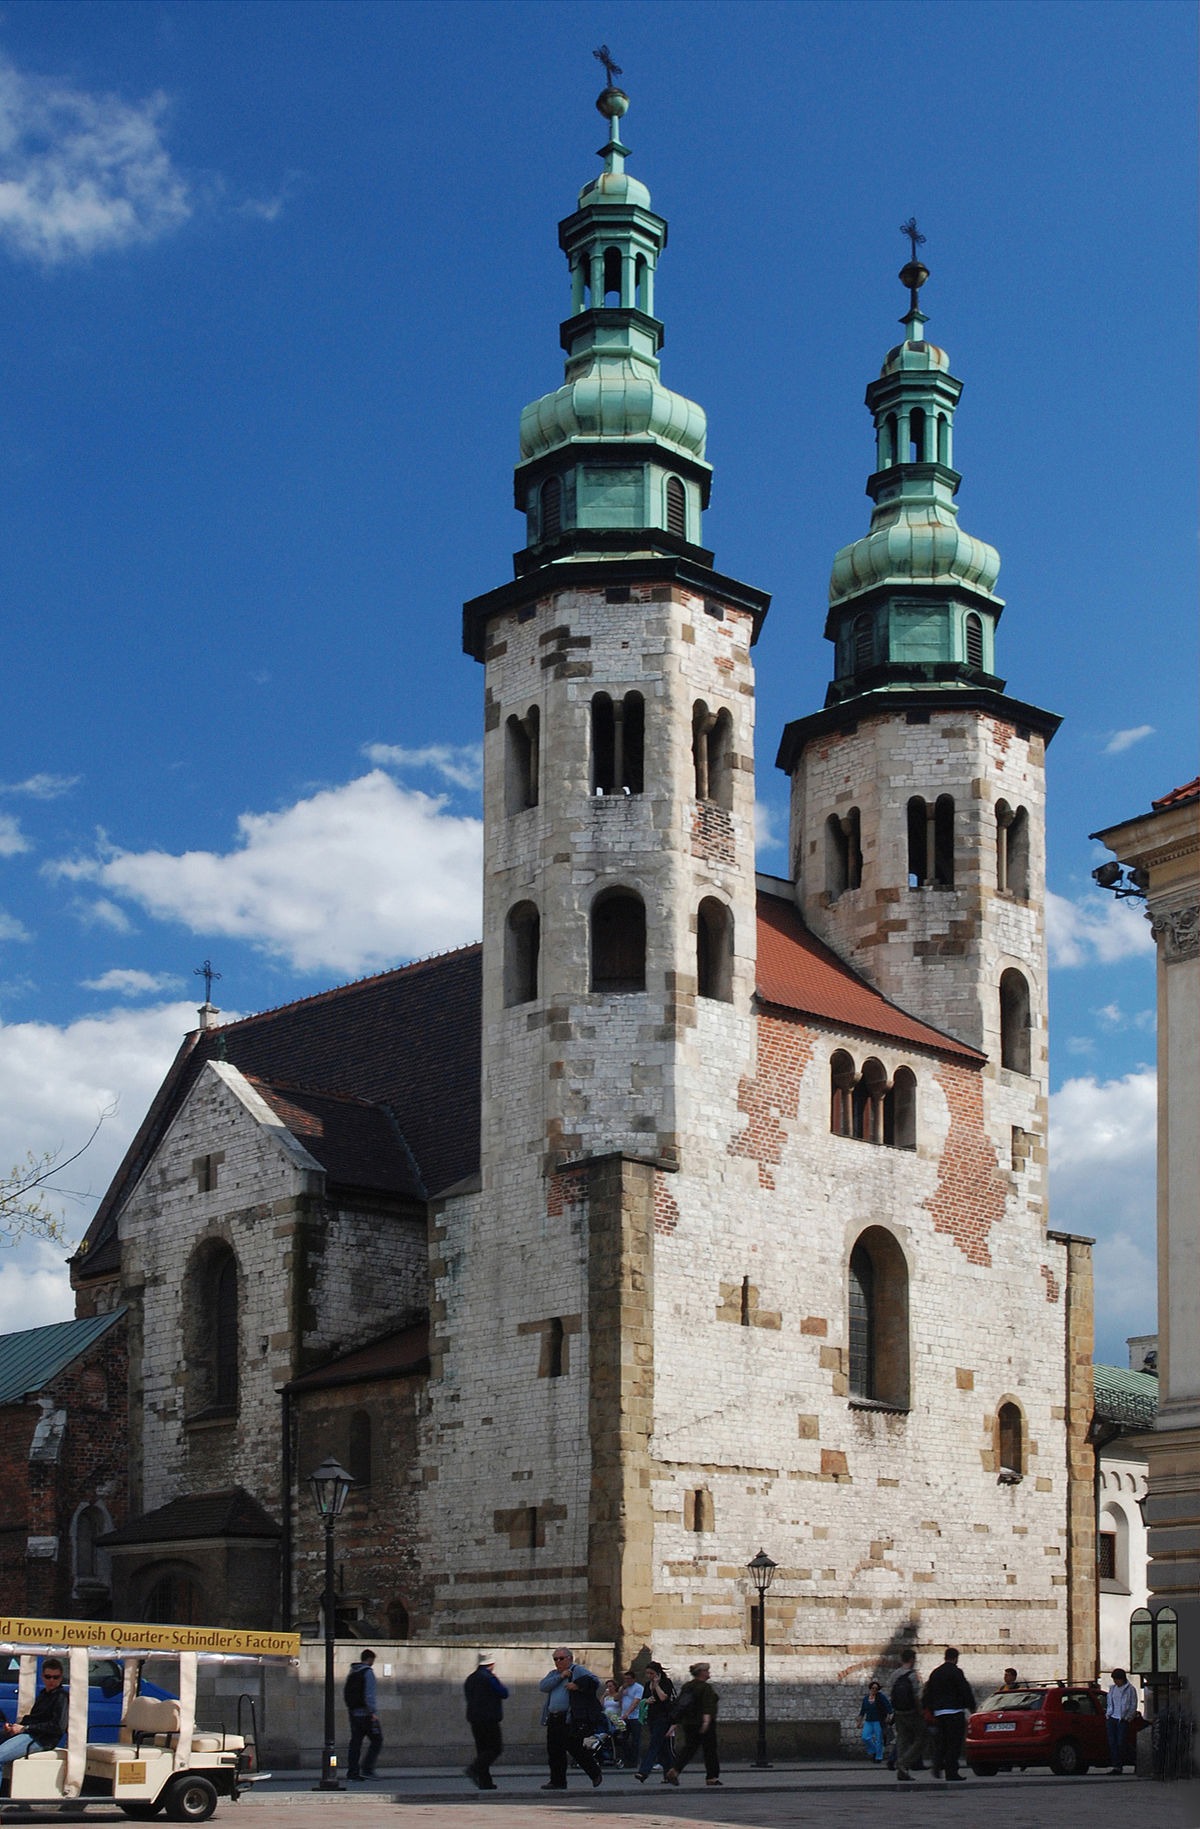 Iglesia de San Andrés (Cracovia) - Wikipedia, la enciclopedia libre